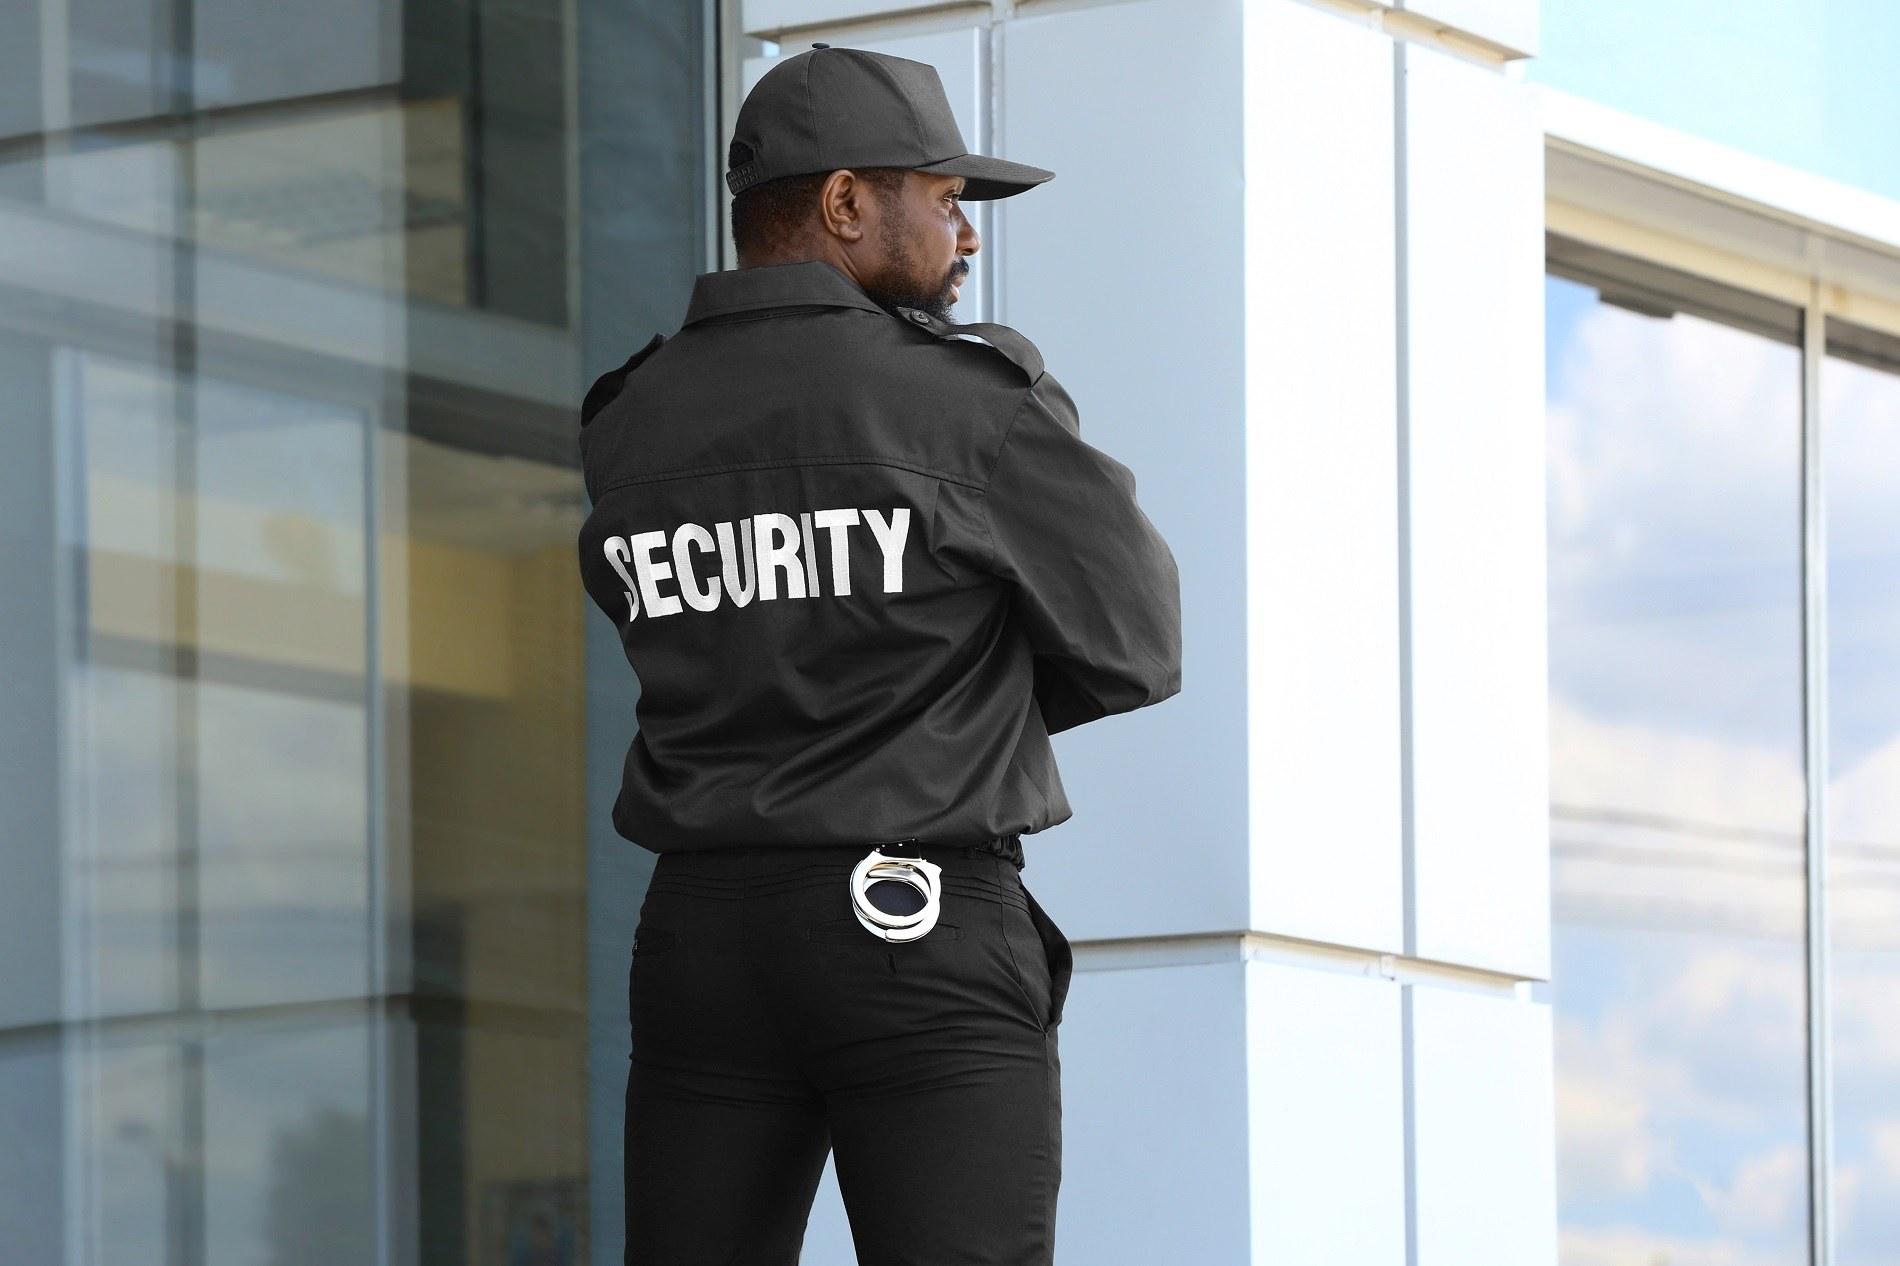 Security Objektschutz Offenbach am Main Sicherheit Sicherheitsdienst Brandwache Brandschutz Agentur